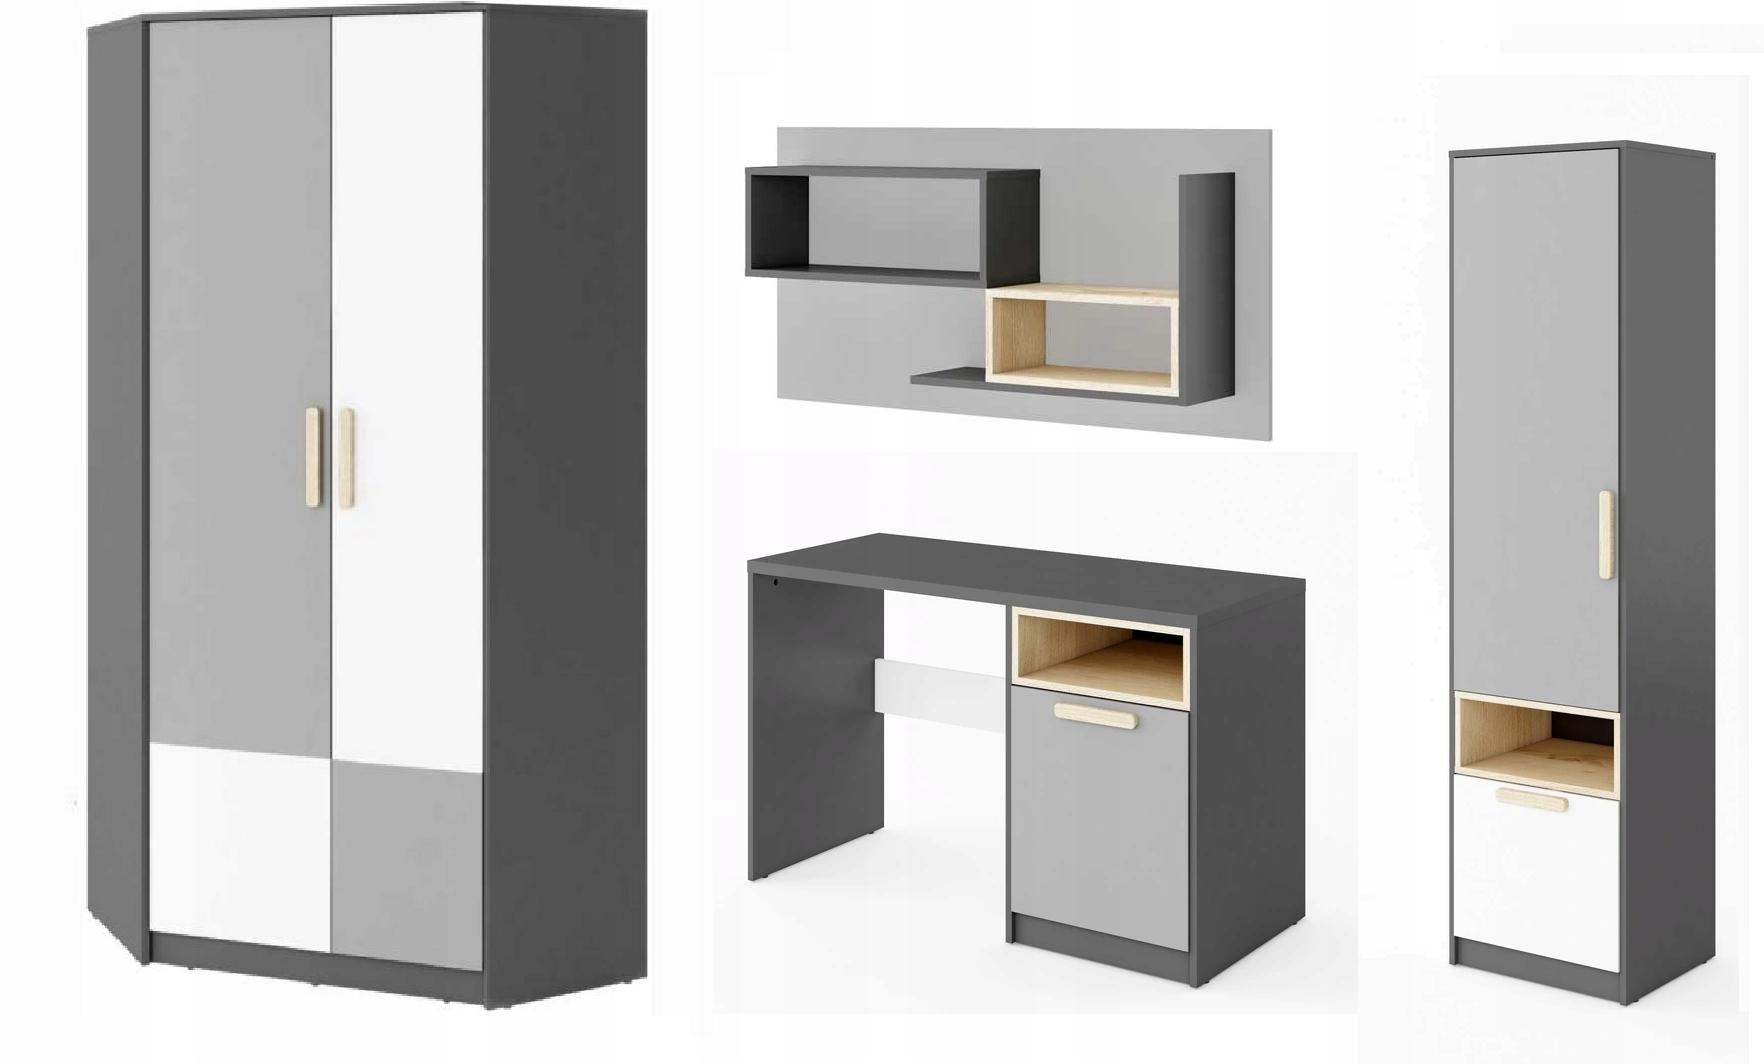 24 HODÍN Váš nábytok set, SPÁLNE, biela, sivá, buk ploche